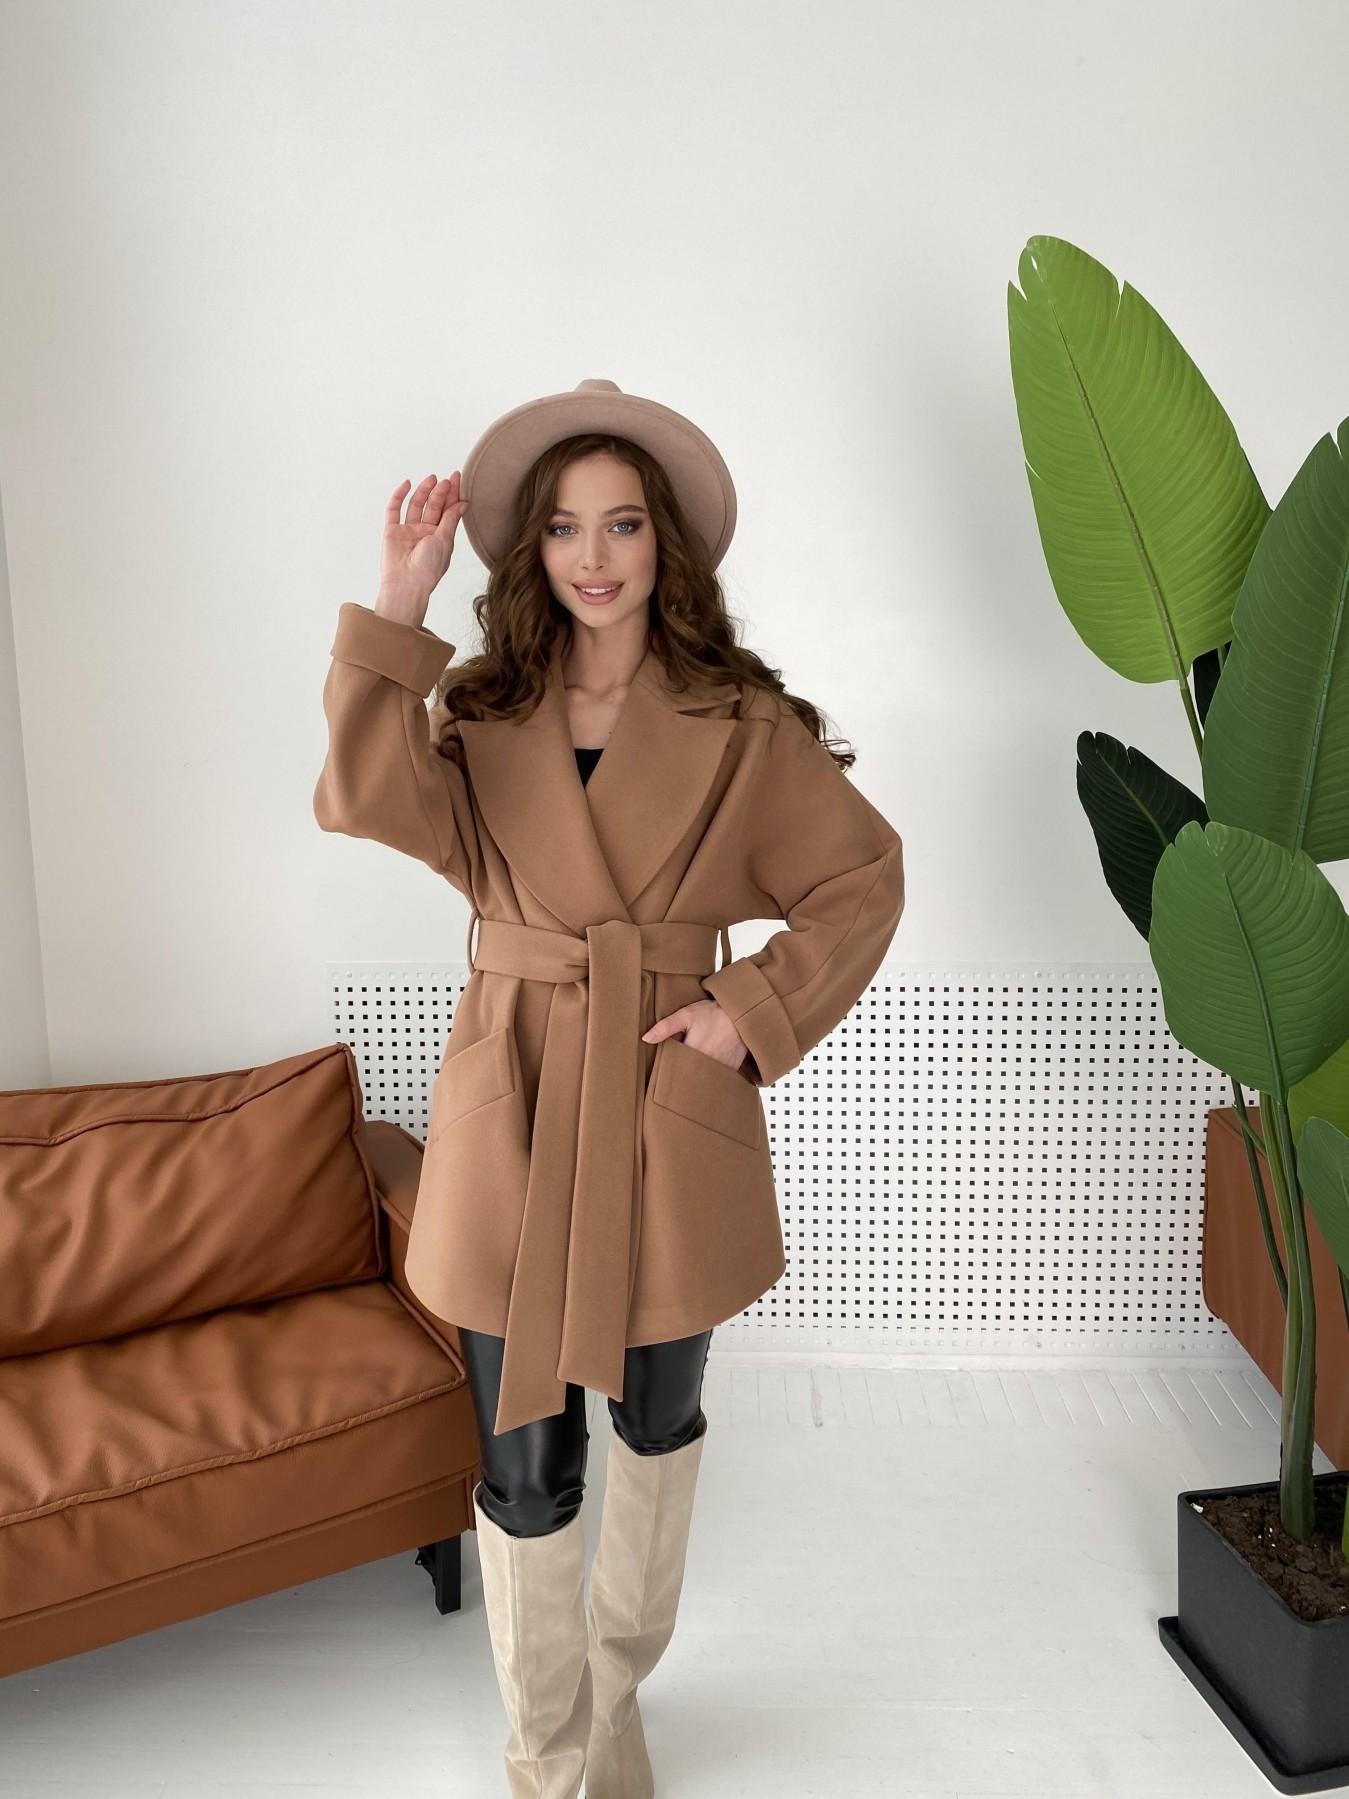 Дефиле пальто из кашемира 10585 АРТ. 46939 Цвет: Кемел - фото 2, интернет магазин tm-modus.ru